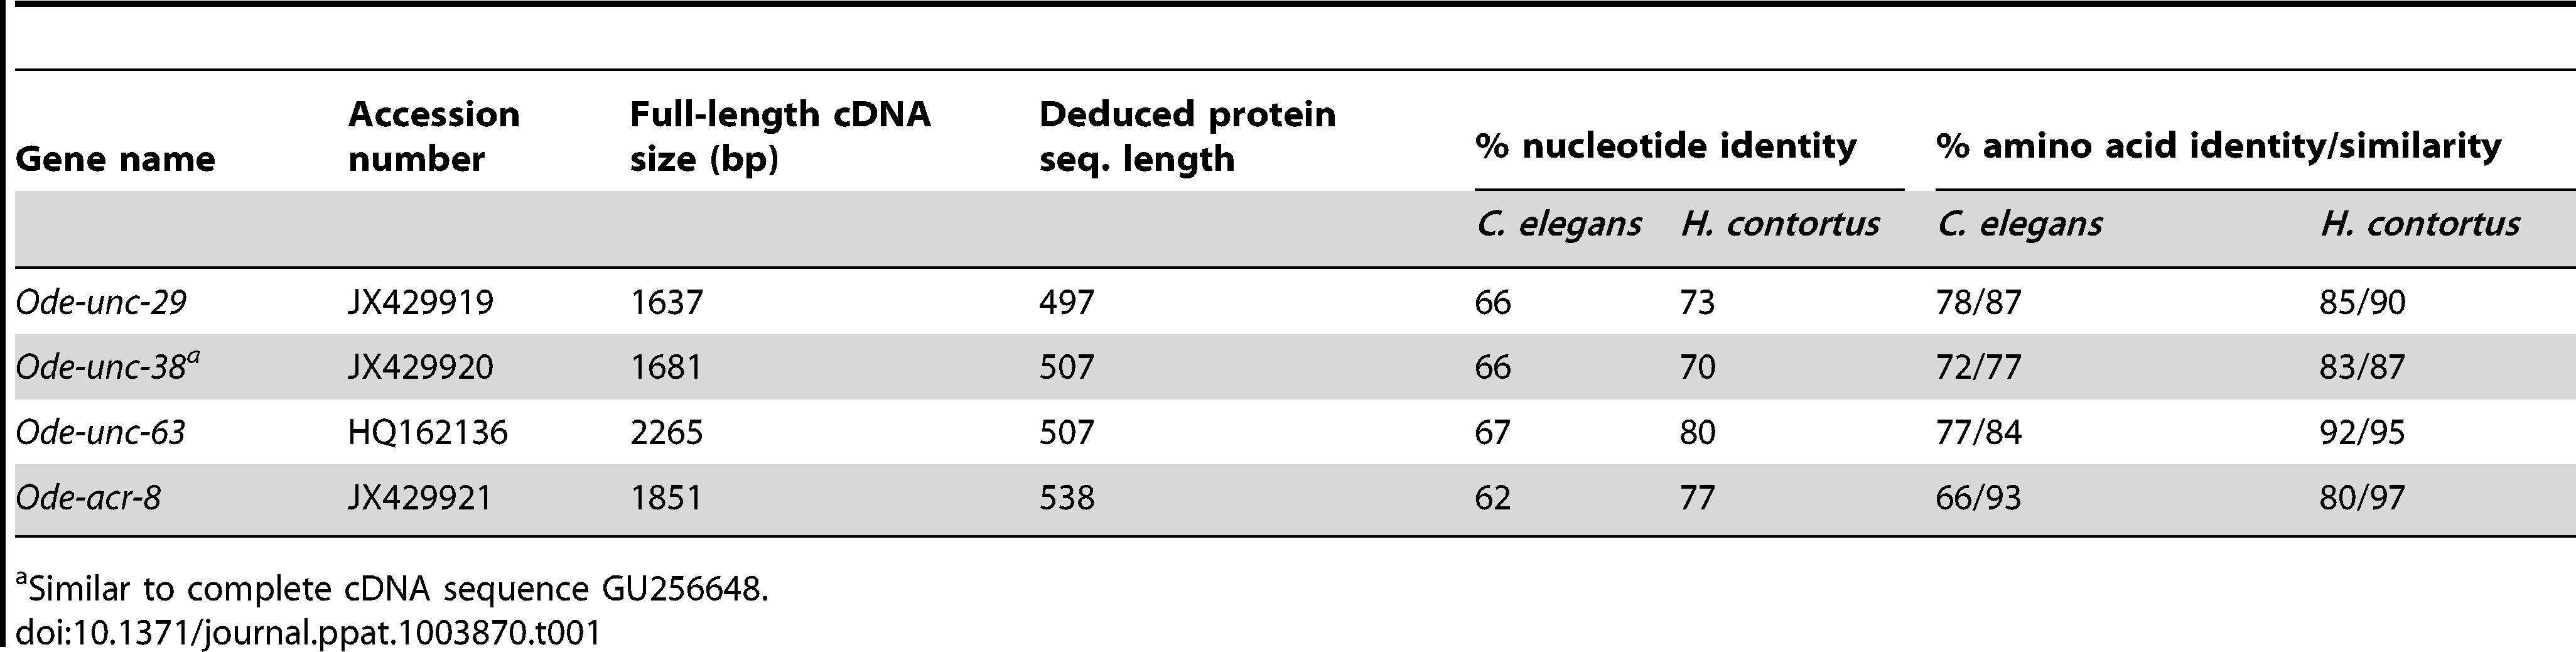 Comparison of <i>O. dentatum</i> AChR subunits with the homologs of <i>C. elegans</i> and <i>H. contortus</i>.